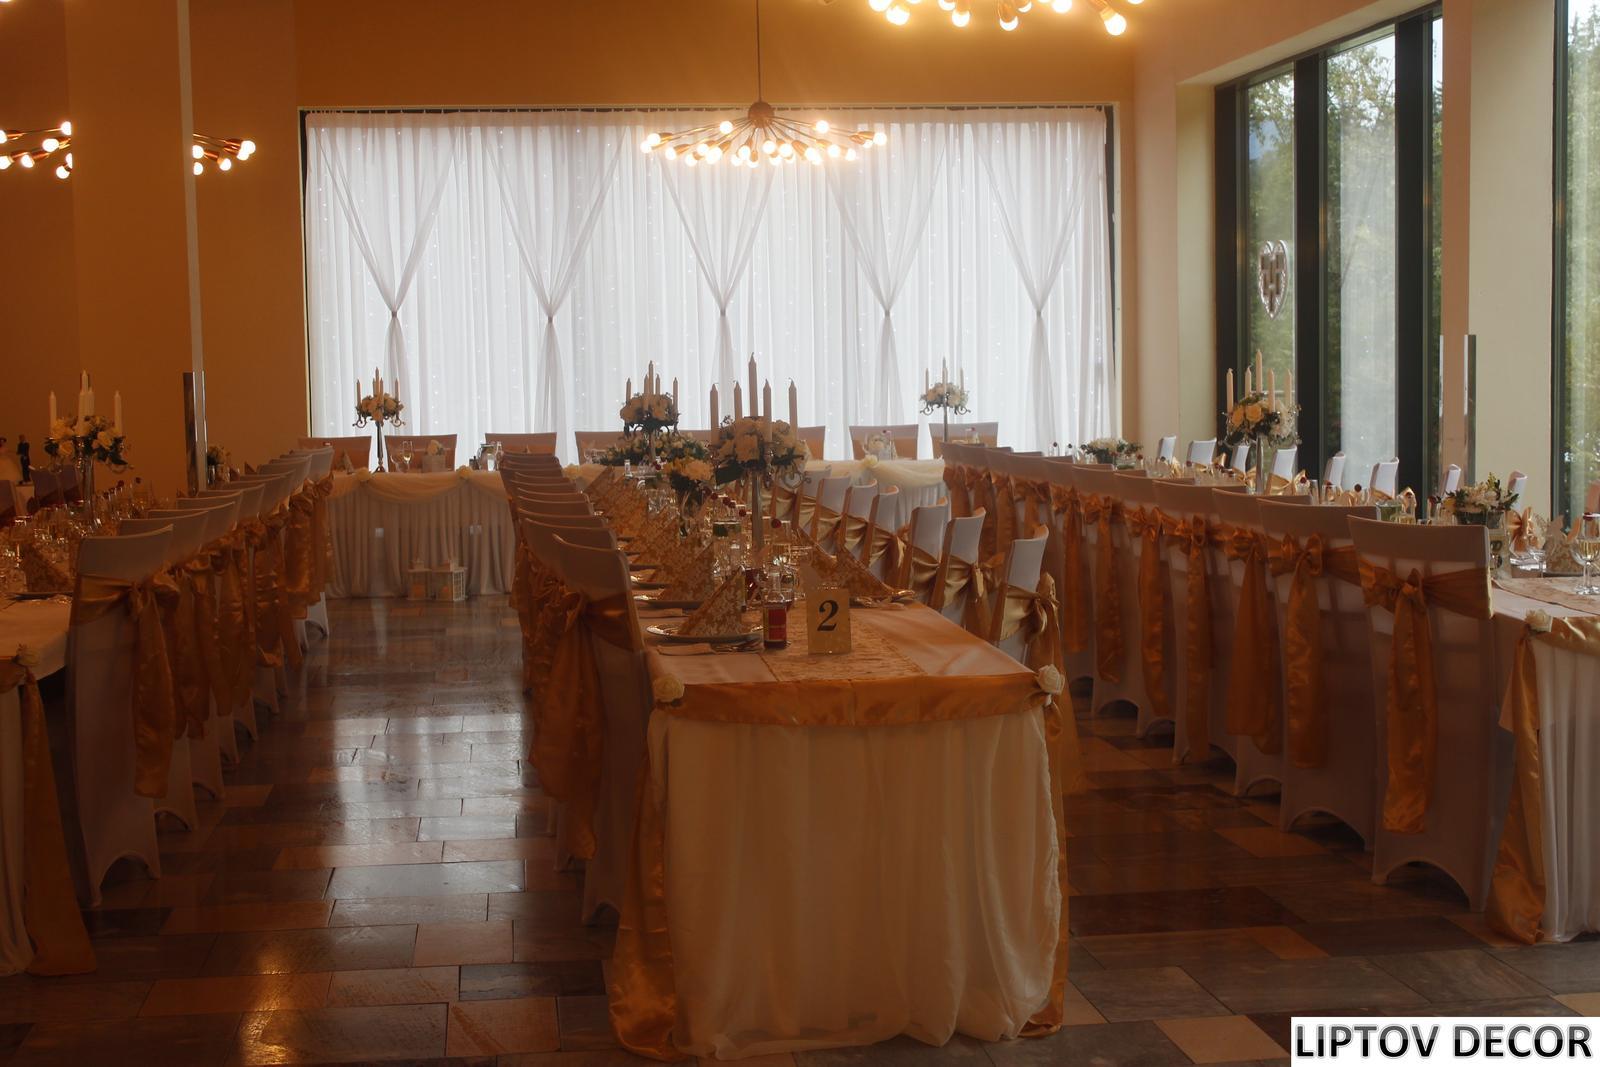 Svadobná výzdoba - HOTEL HRABOVO RUŽOMBEROK - Obrázok č. 1